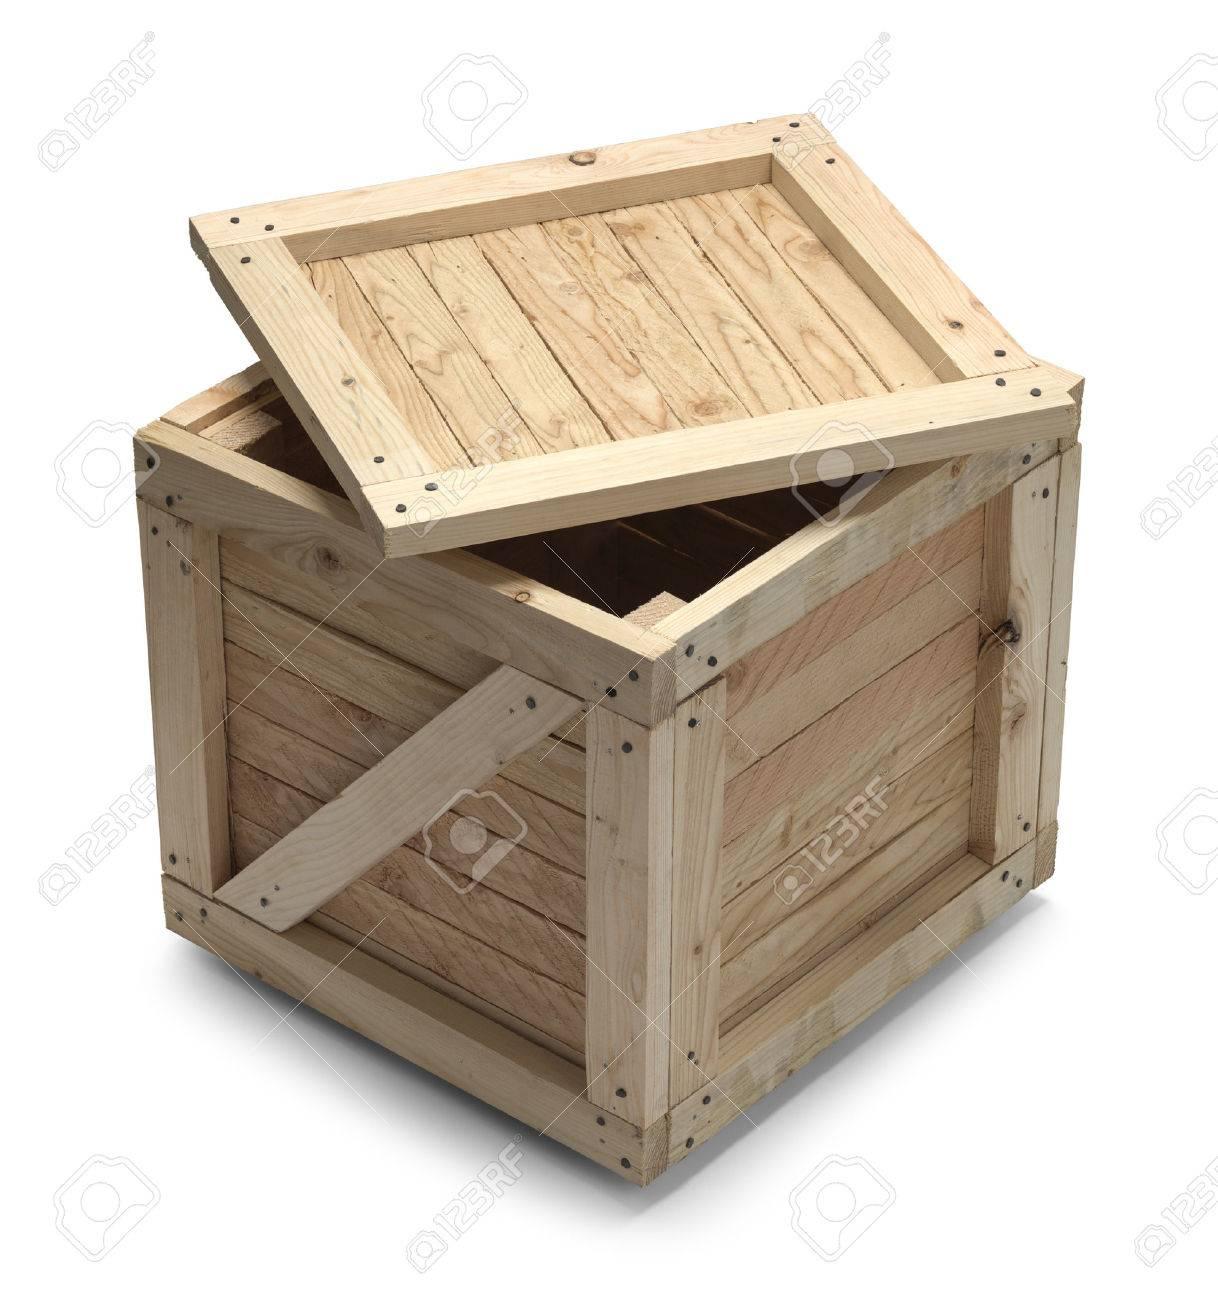 Witte Houten Box.Houten Kist Met Open Deksel Geisoleerd Op Witte Achtergrond